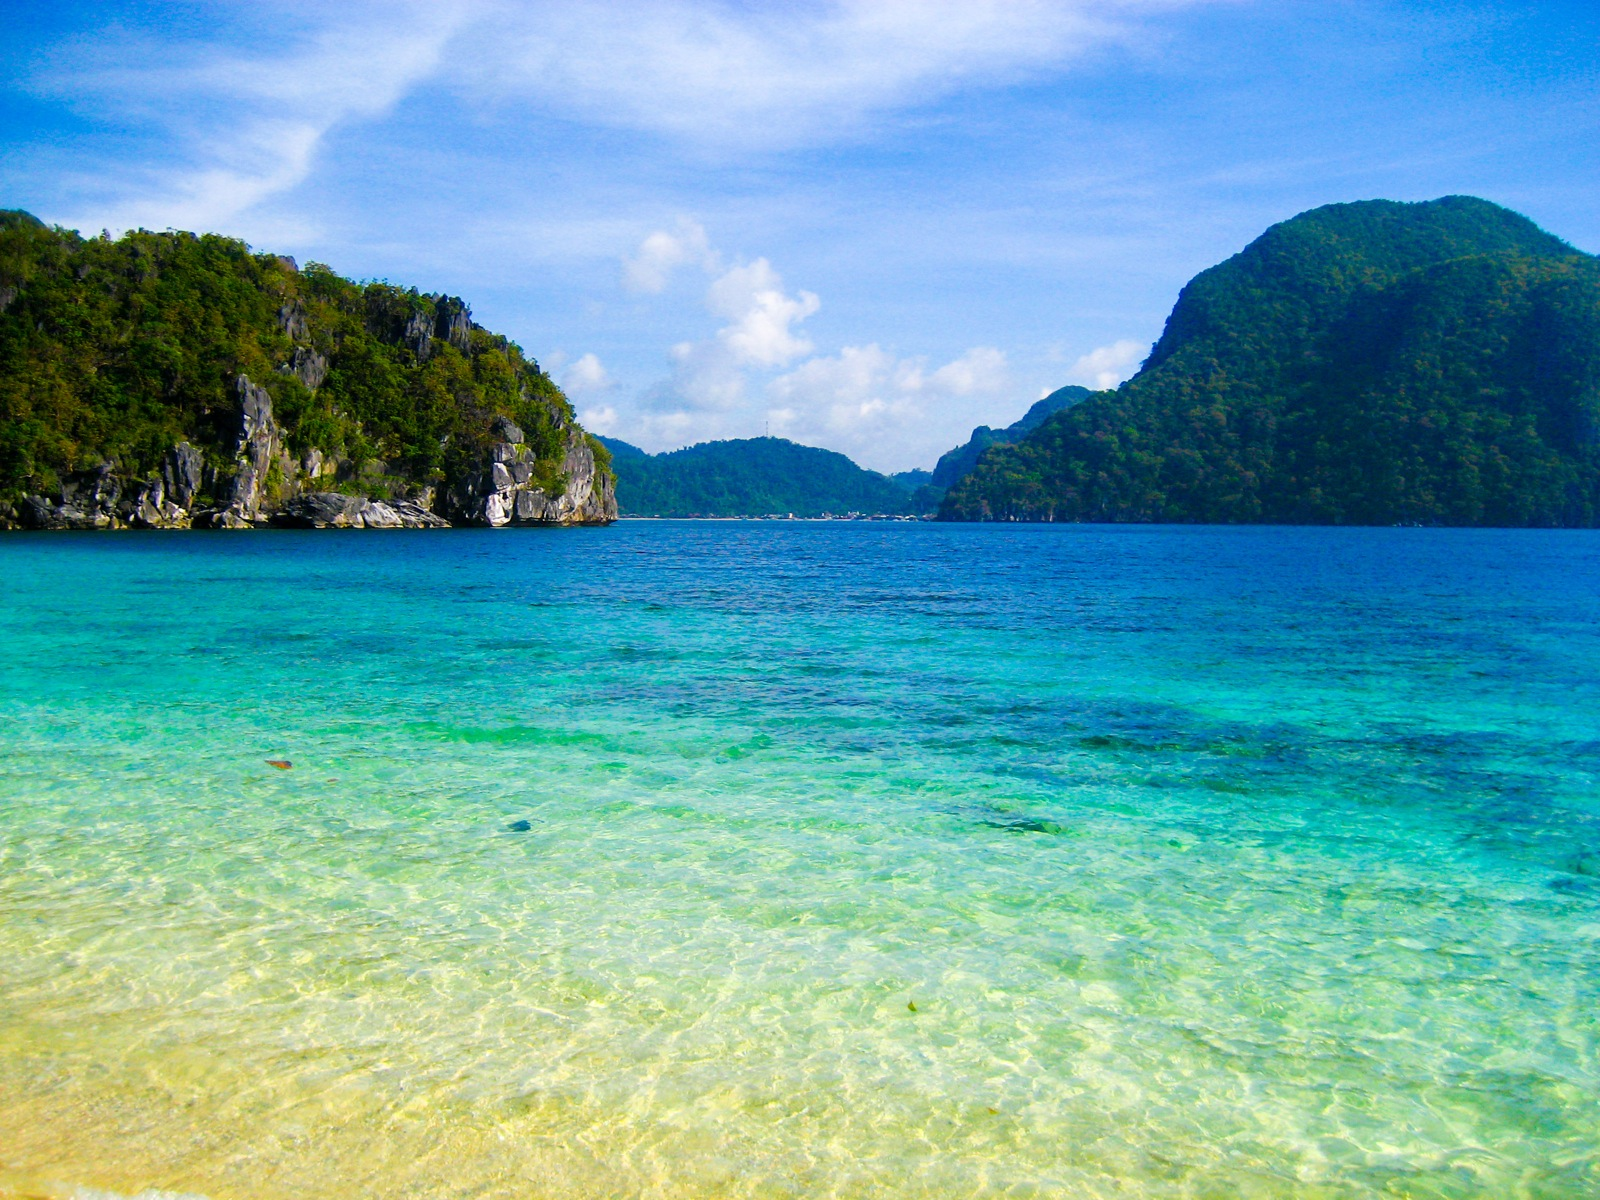 14 דברים שצריך לדעת לפני הטיול שלכם לפיליפינים